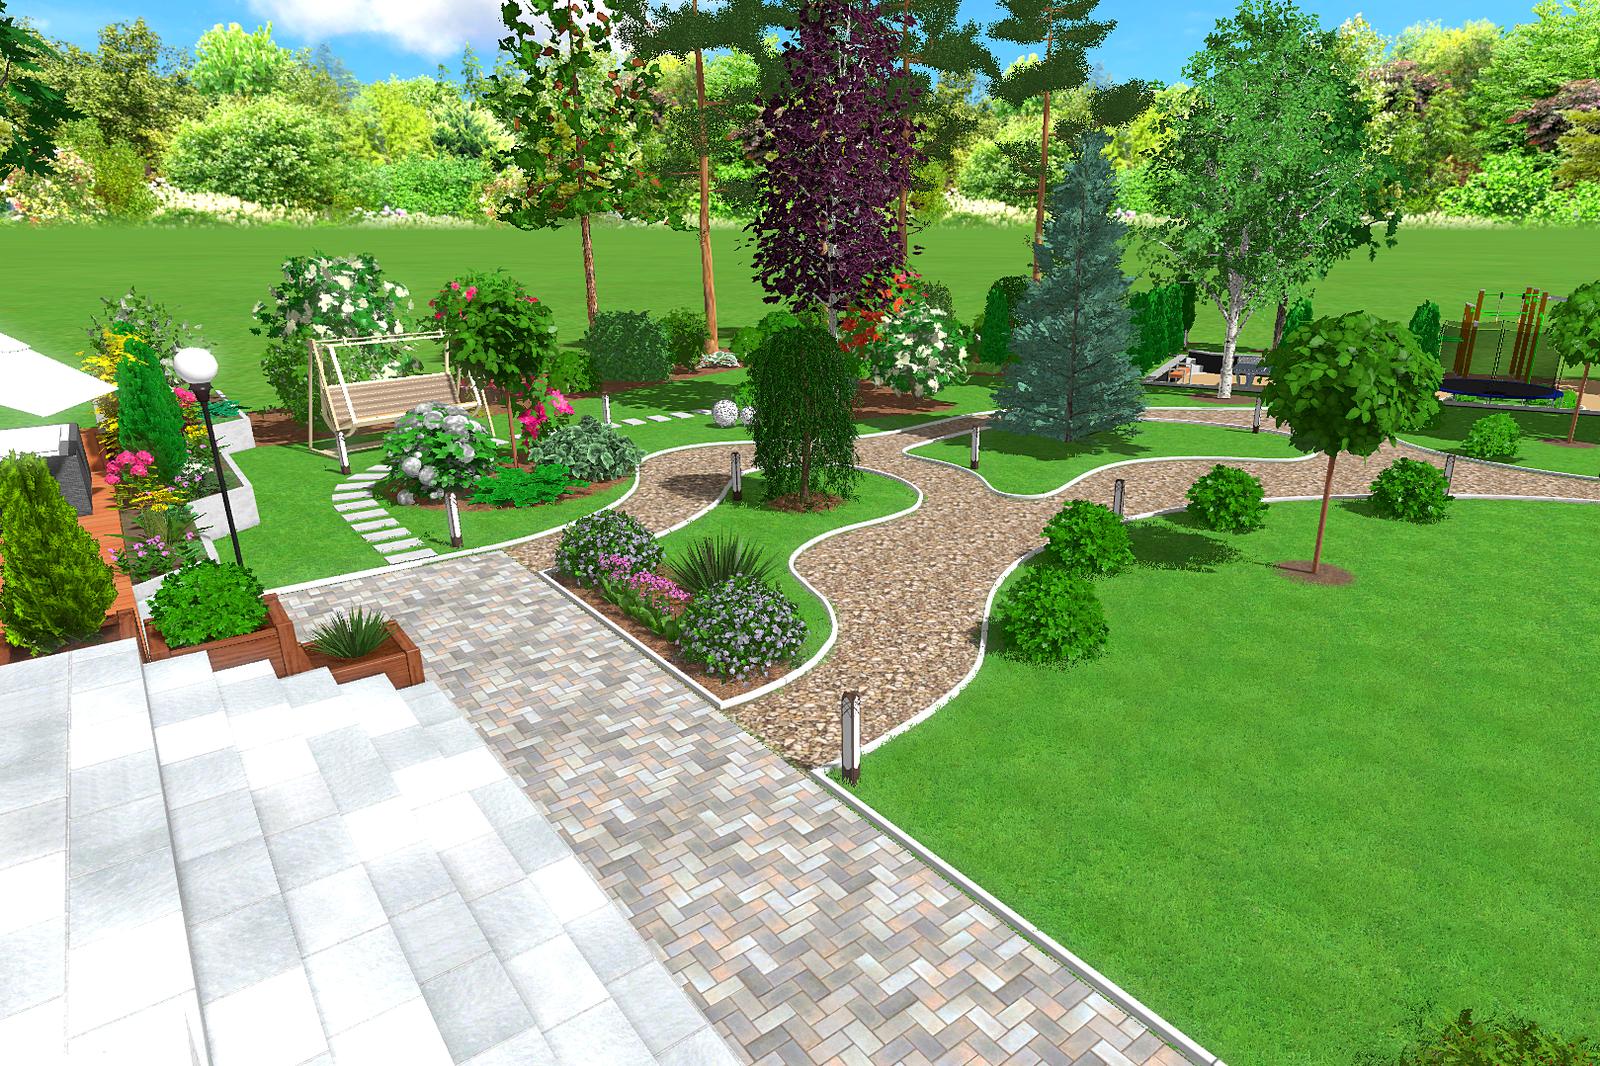 функциональные зоны в ландшафтном дизайне, организация системы полива участка